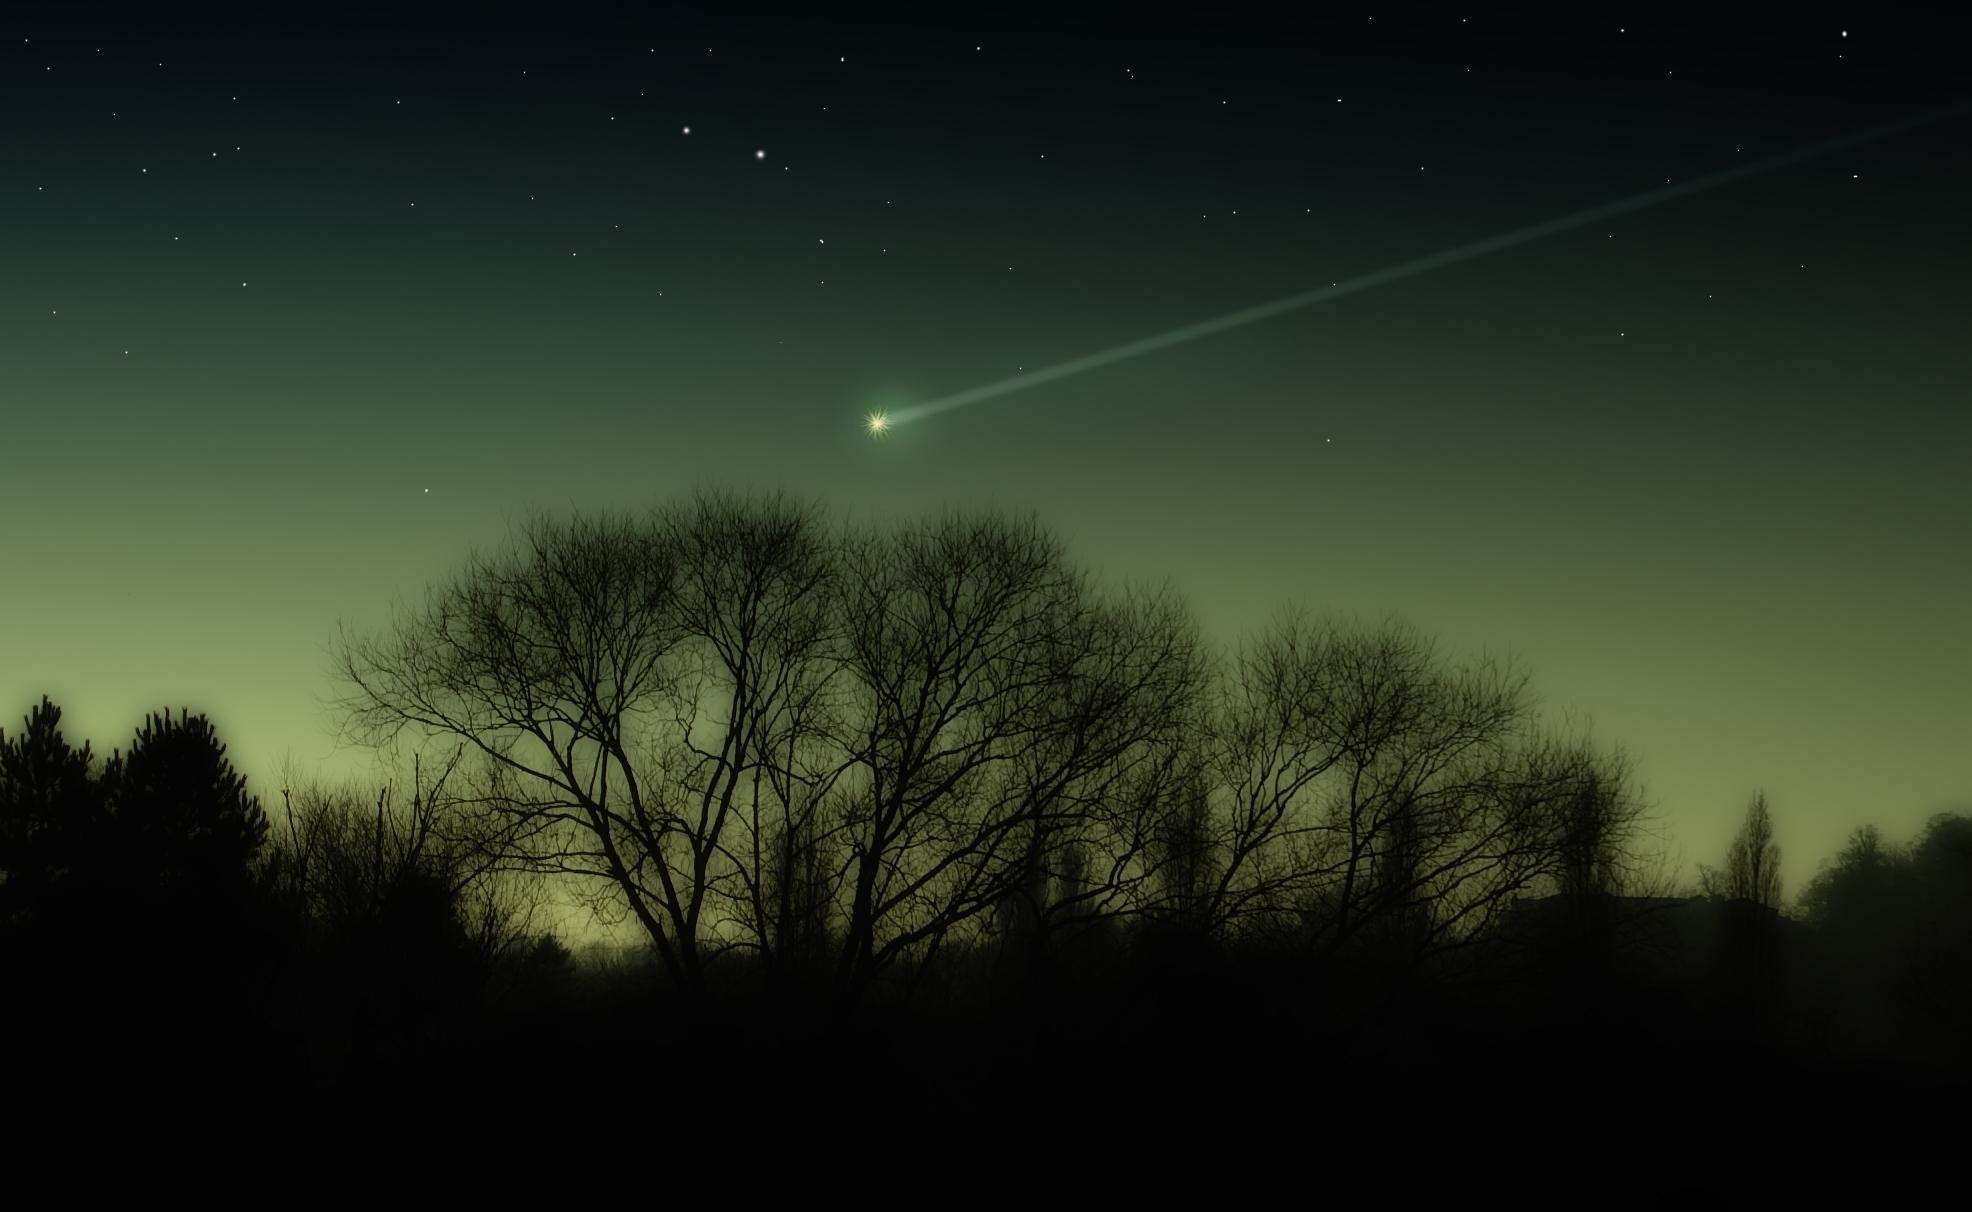 夜深人静的图片带字:夜深人静的心情图片